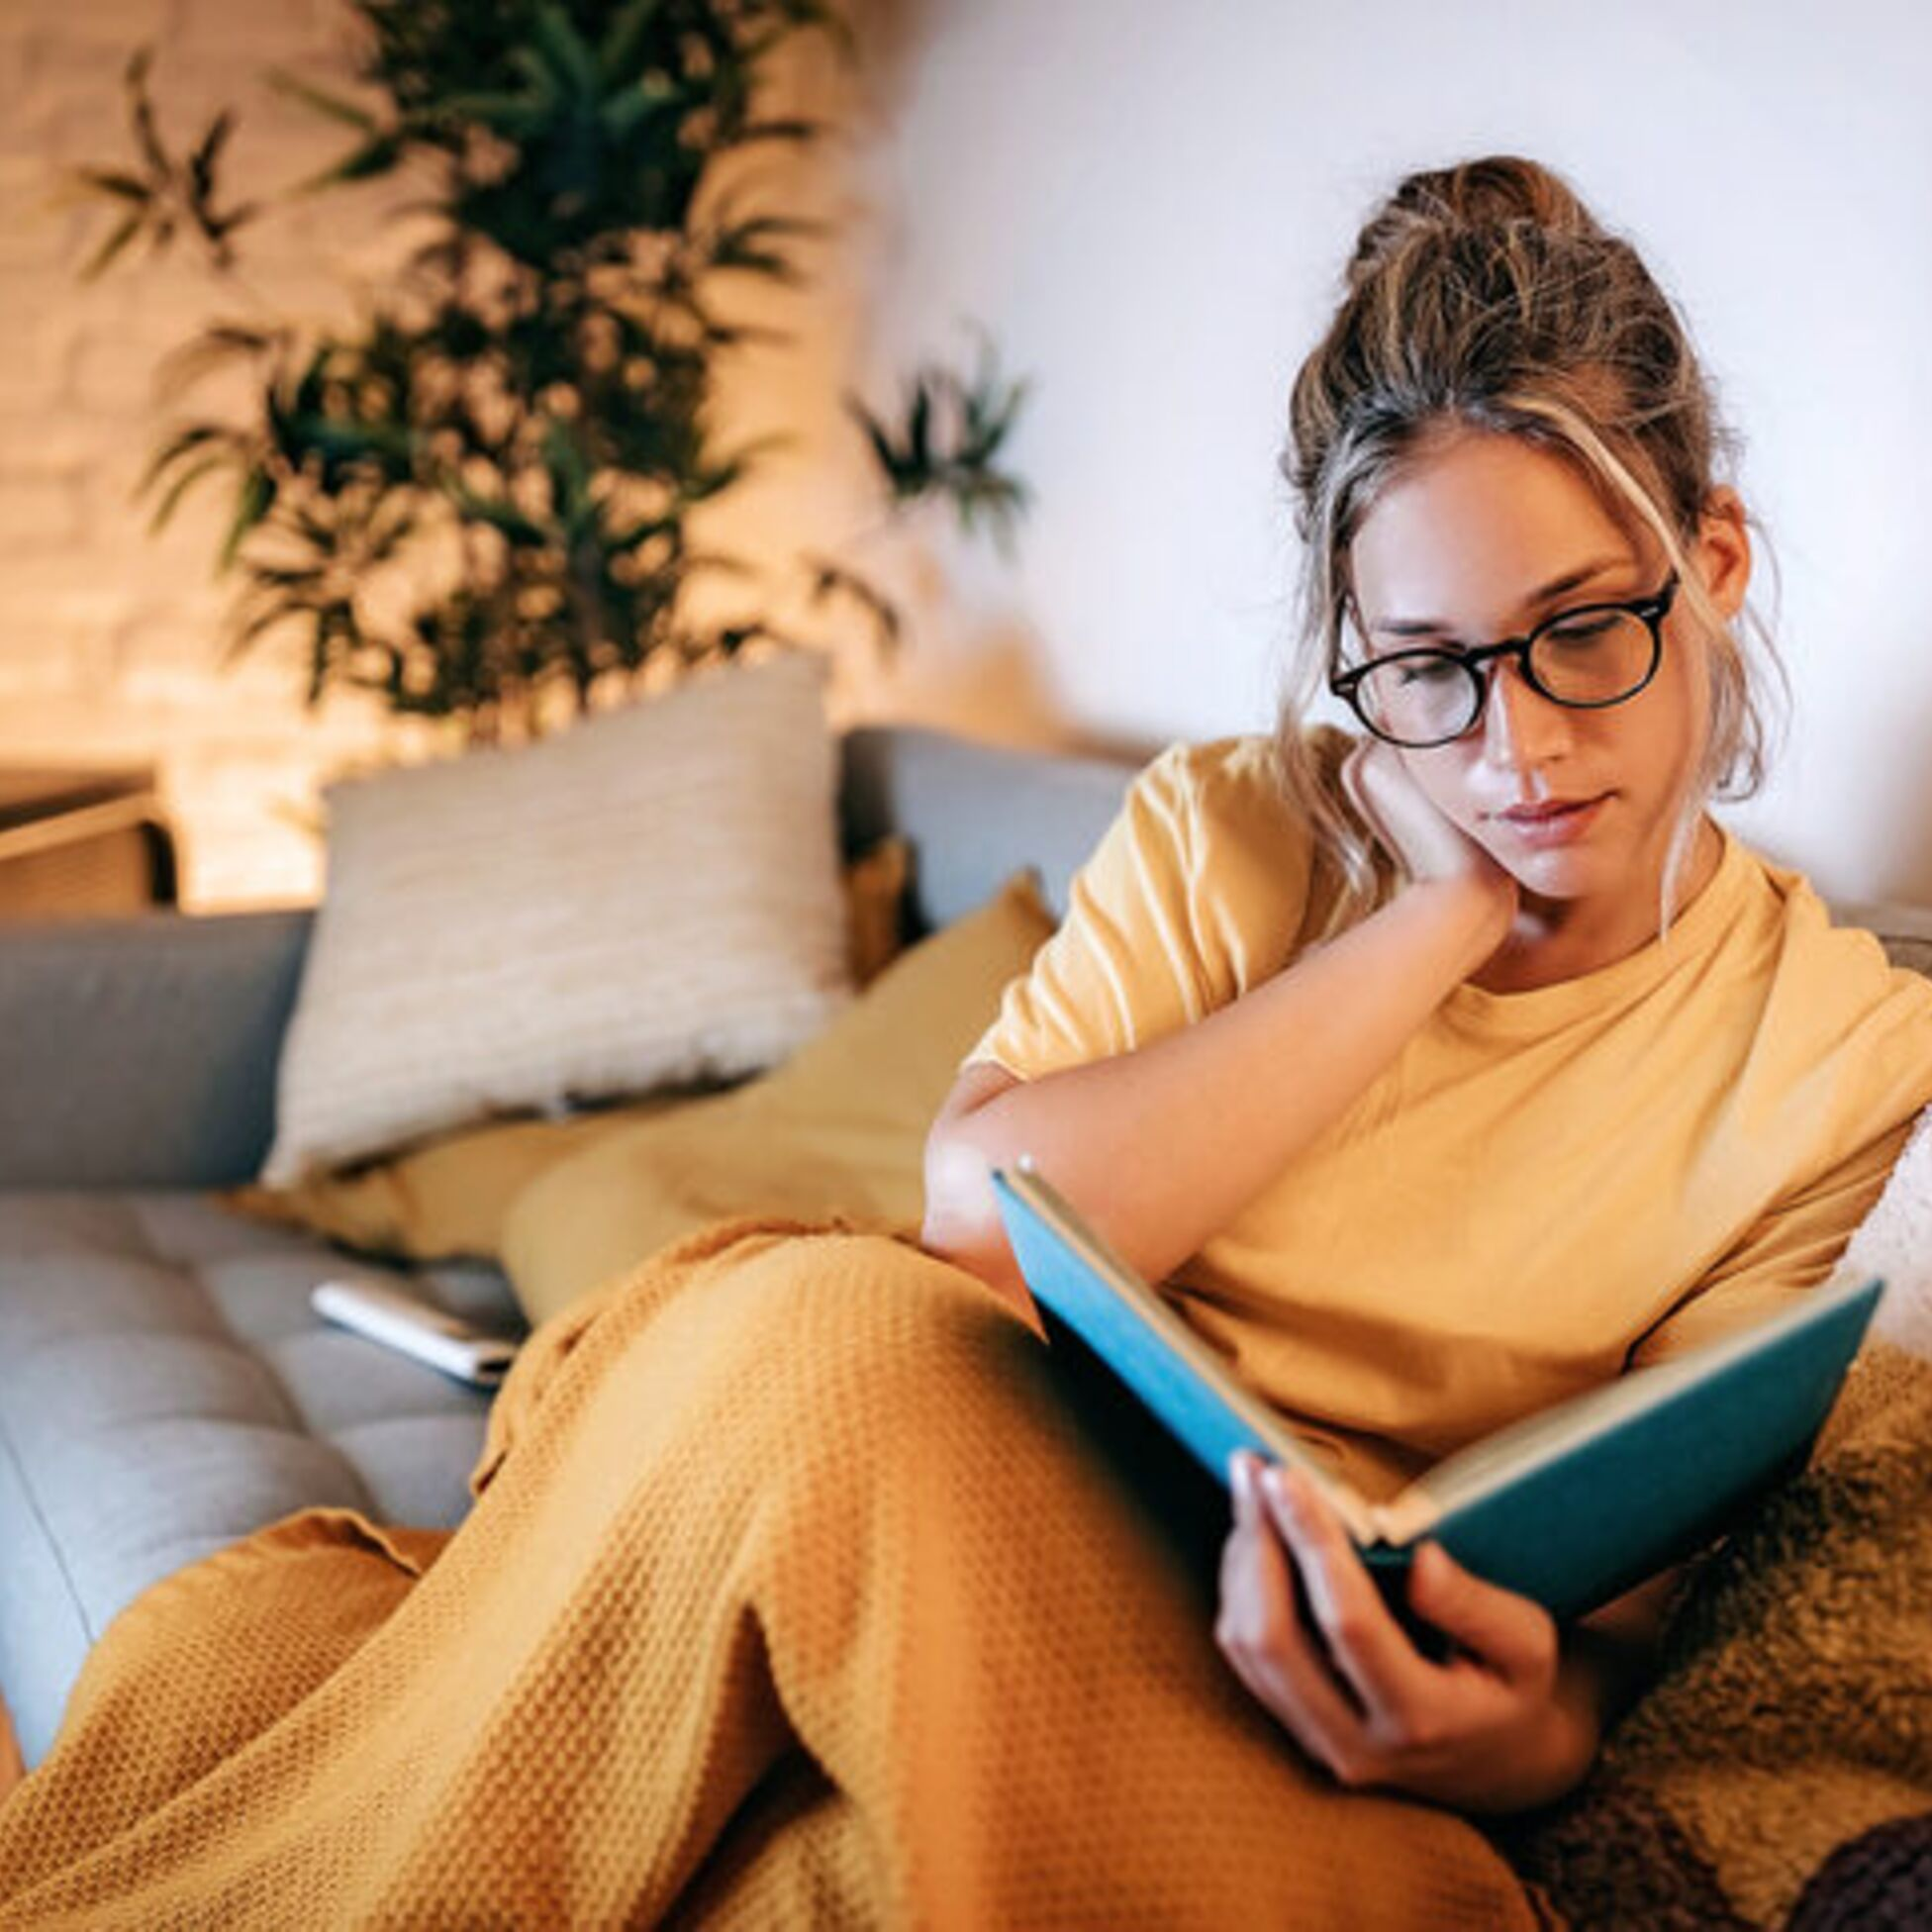 Frau liest Buch in gemütlichem Wohnzimmer